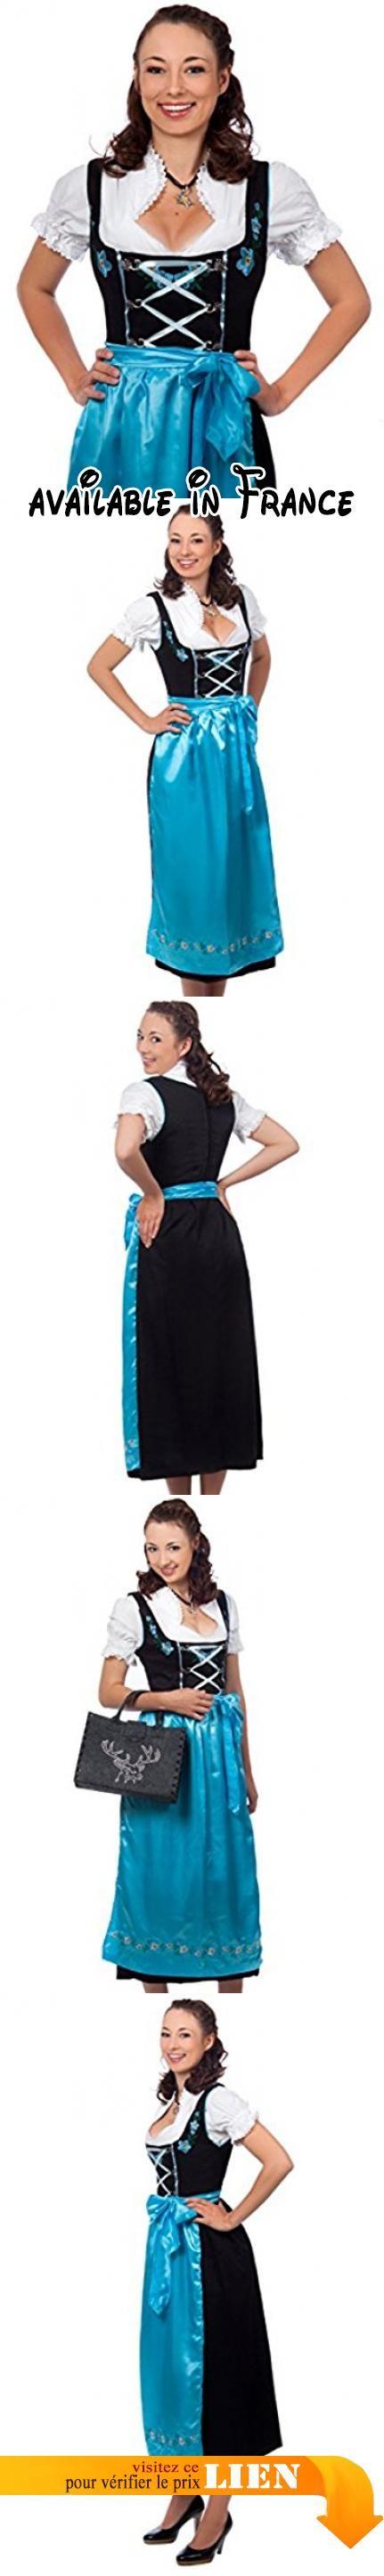 Edelnice Trachtenmode Costume folklorique Dirndl 3pièces avec robe noir et bleu et chemisier et tablier assortis tailles 32 à 52 -  bleu - 44.  #Apparel #DRESS